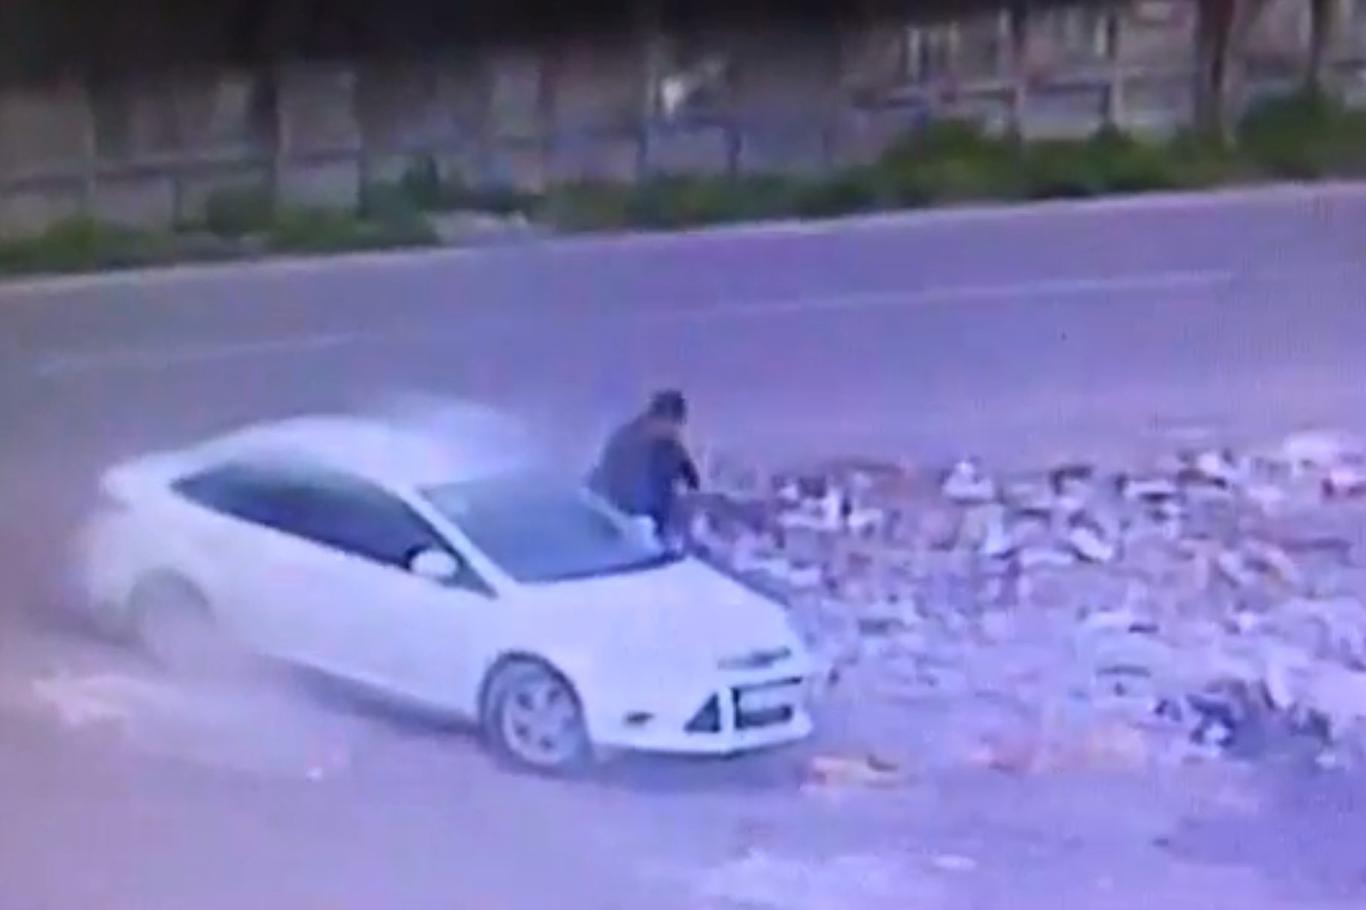 Diyarbakır,'da Bombalı aracın bırakılma anı kameralara yansıdı